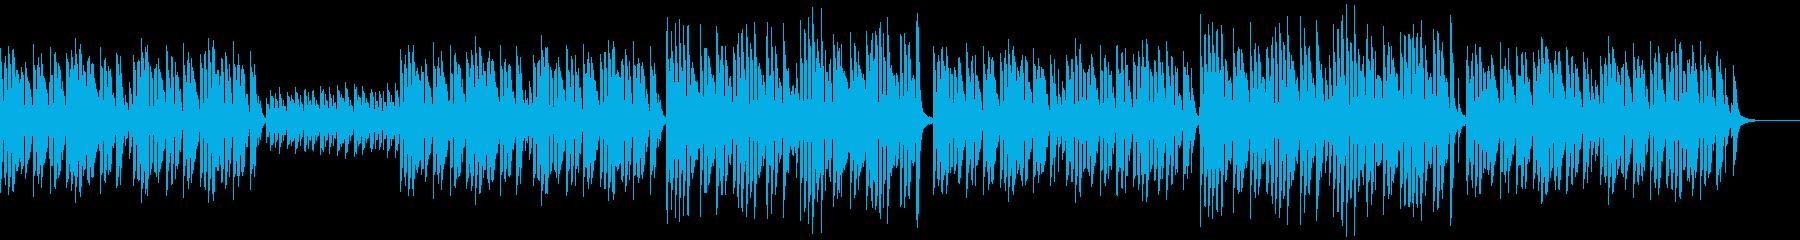 bpm100 キッズTikTok可愛い笛の再生済みの波形